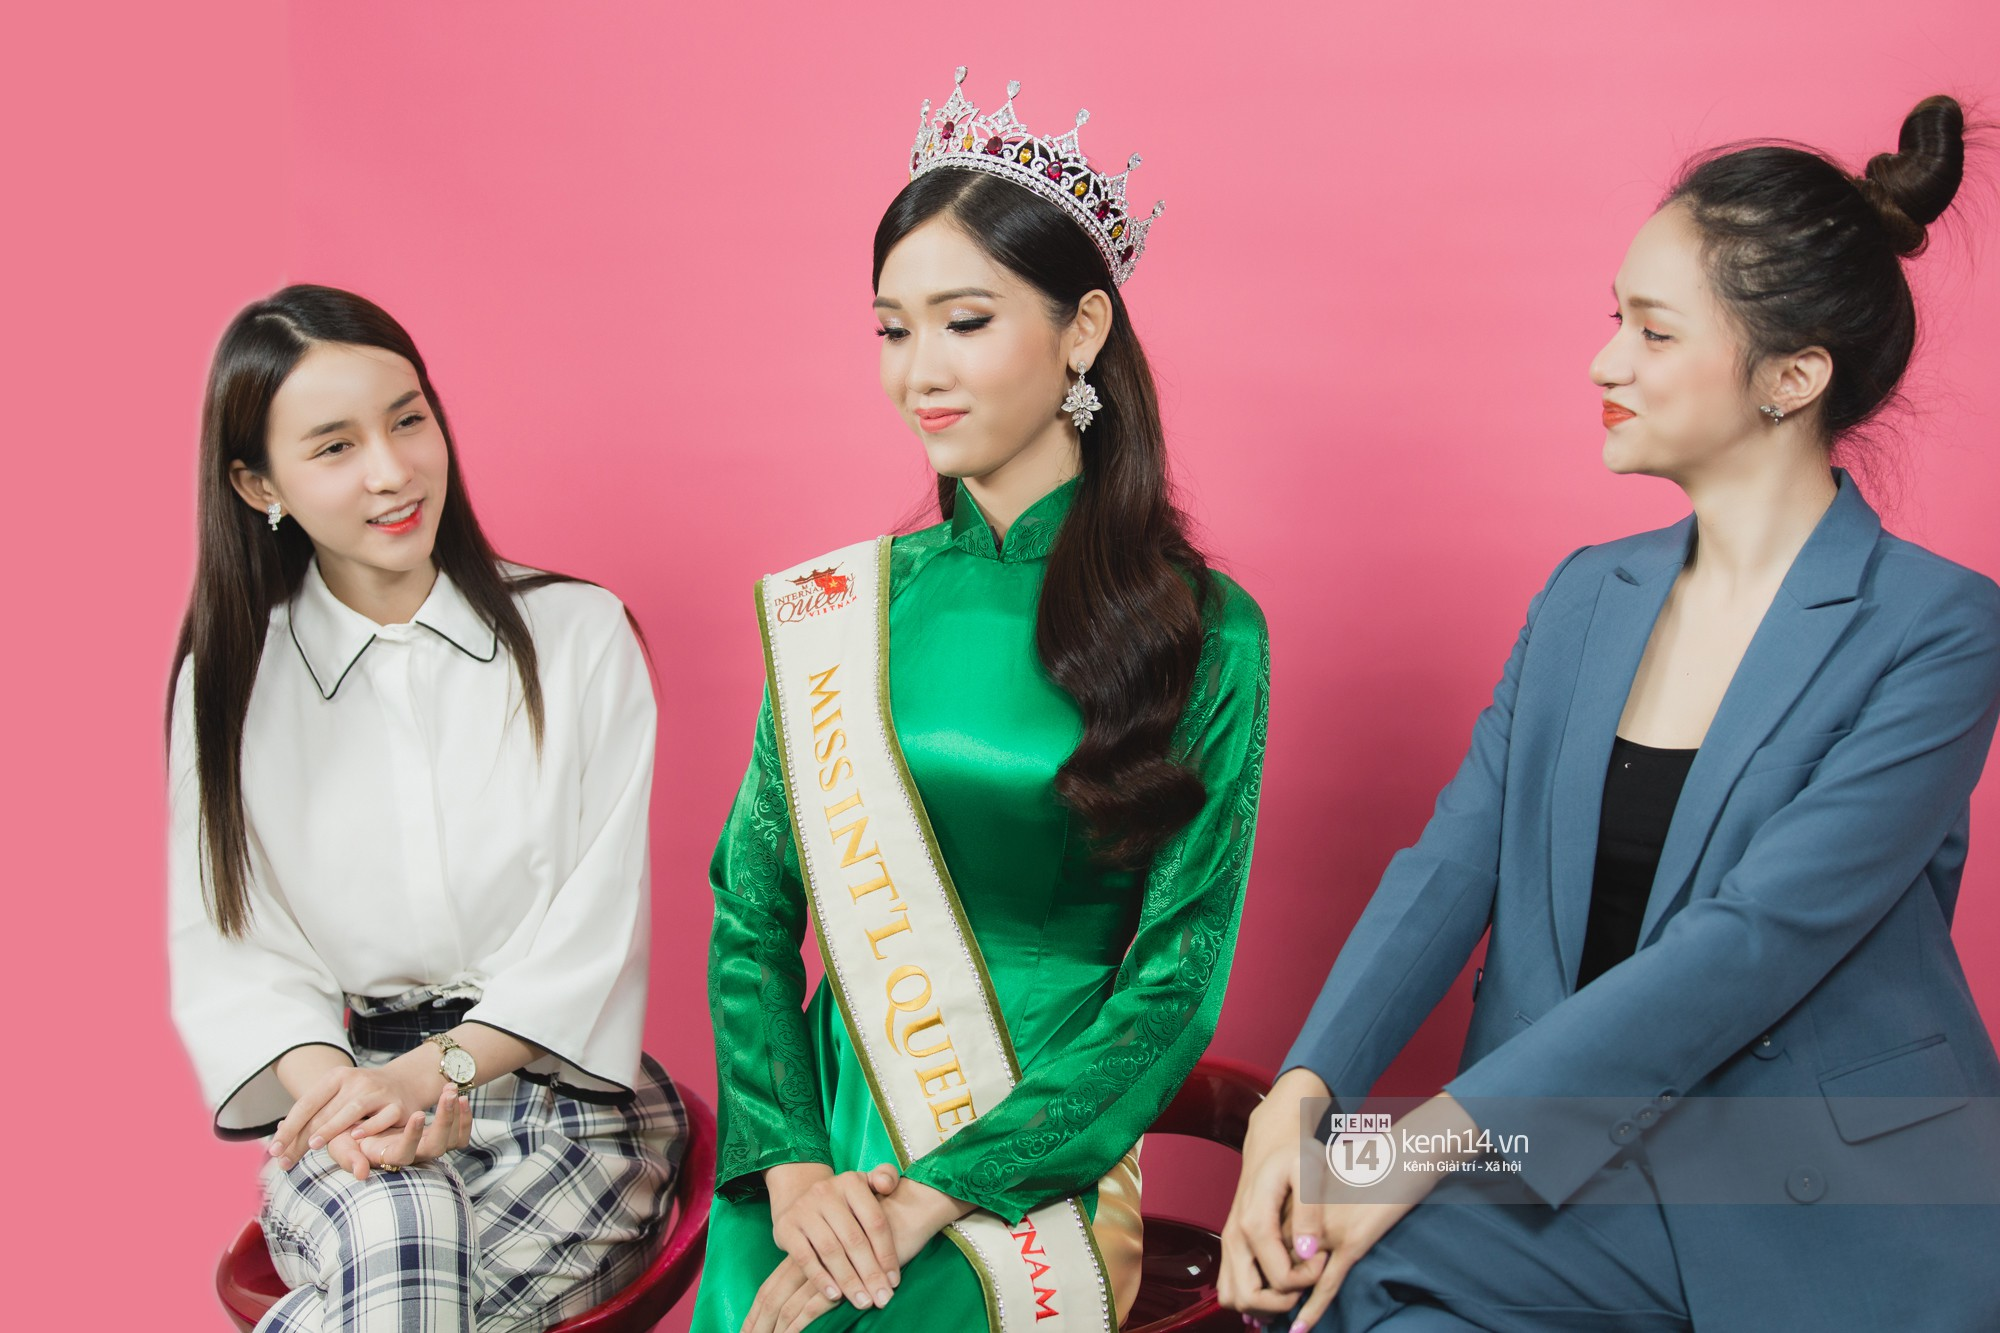 Quán quân The Tiffany Vietnam Nhật Hà diện áo dài đọ sắc cùng Hoa hậu Hương Giang và Á hậu Yoshi - Ảnh 1.